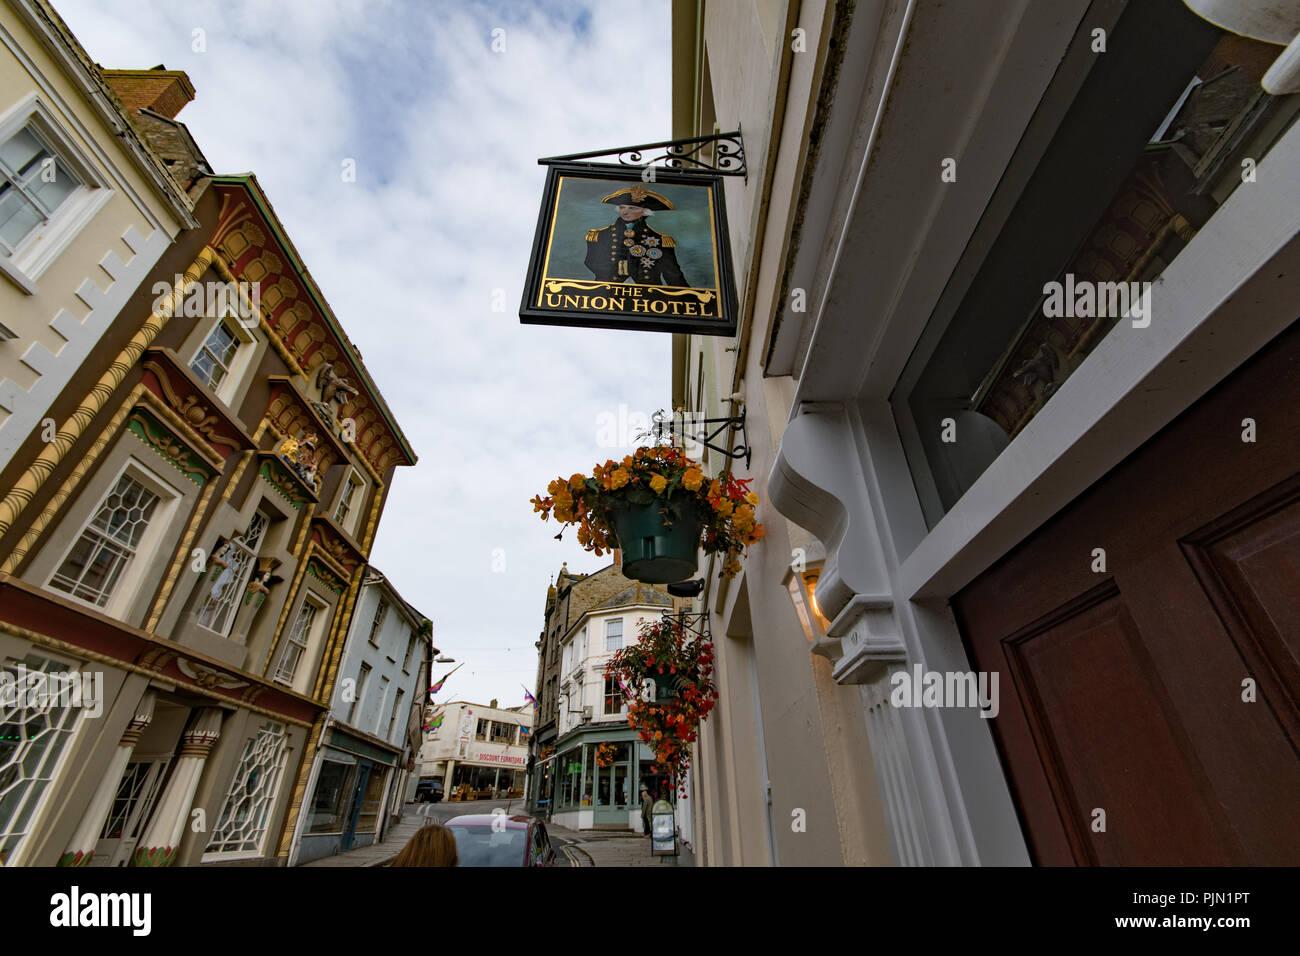 Blick auf Kapelle Straße in Penzance einschließlich Vorzeichen außerhalb der Union Inn von Nelson und dem Ägyptischen Haus Stockbild